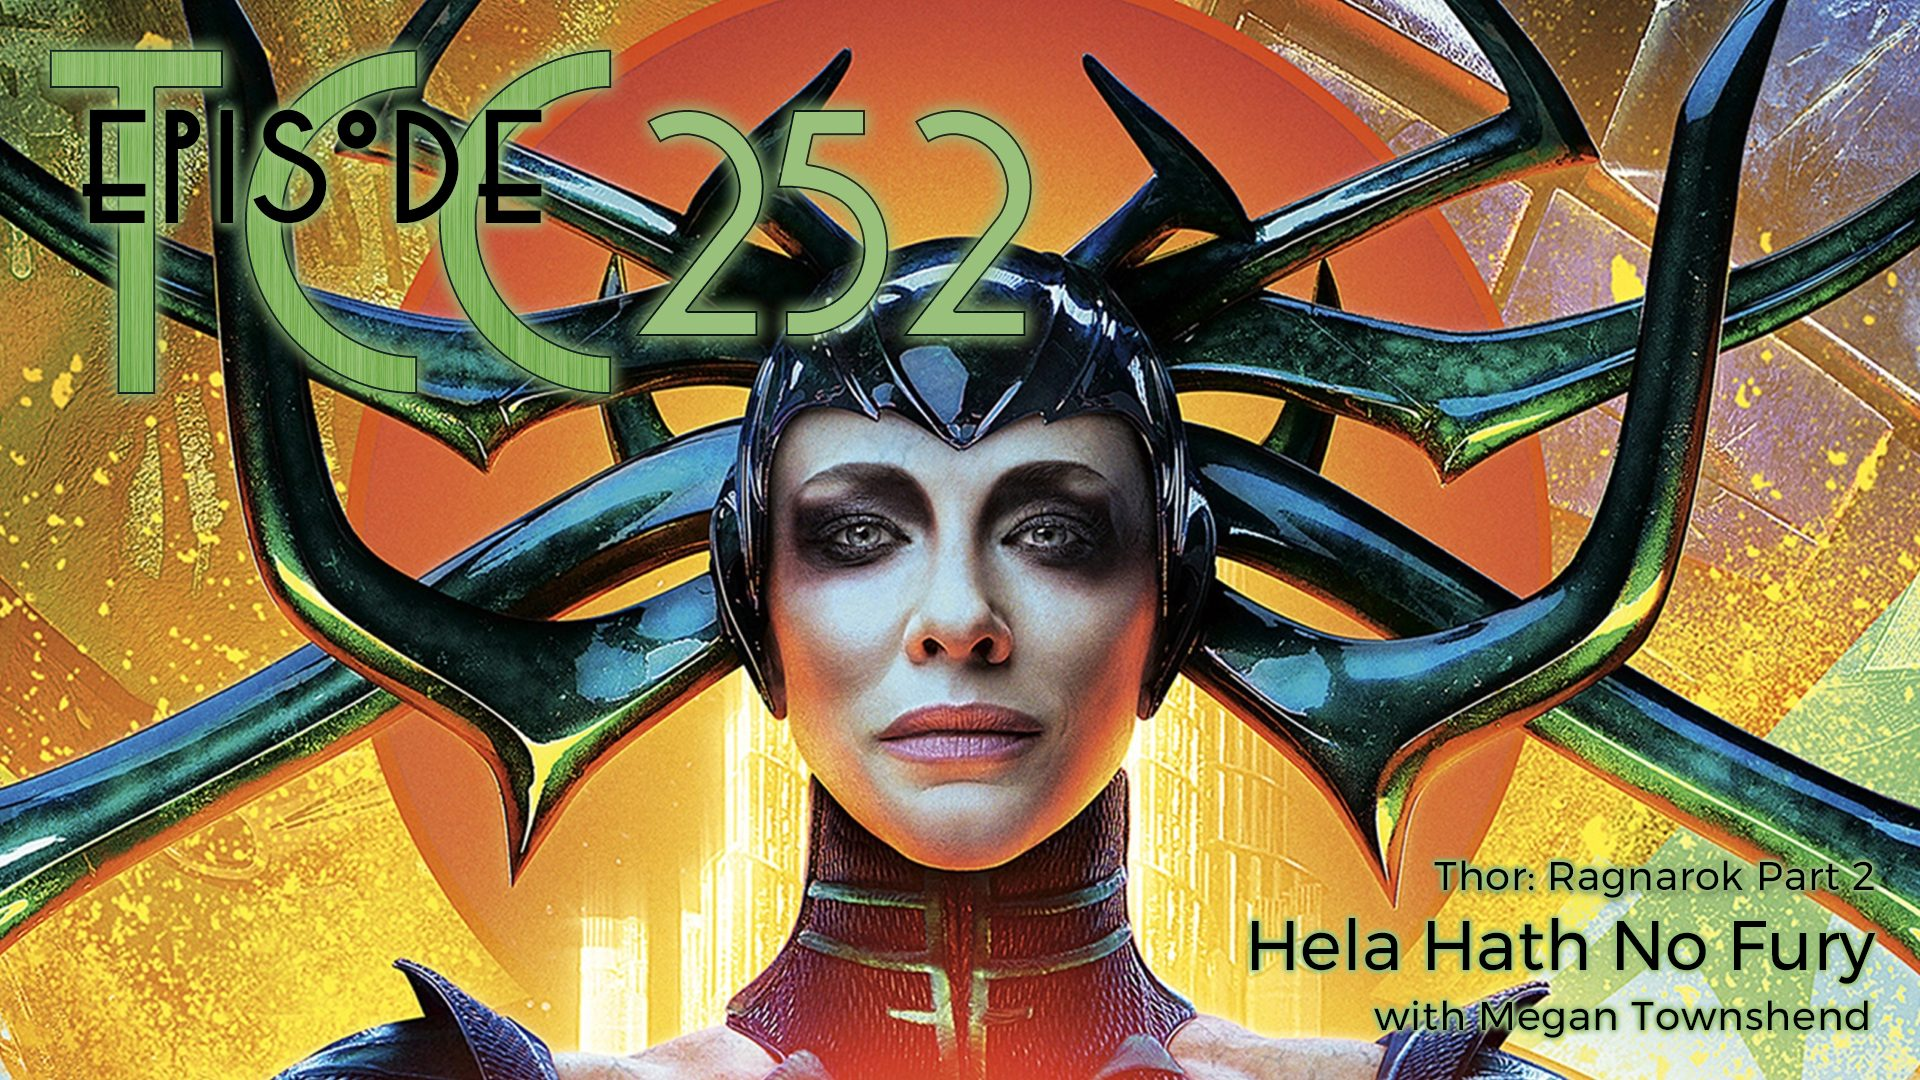 The Citadel Cafe 252: Hela Hath No Fury